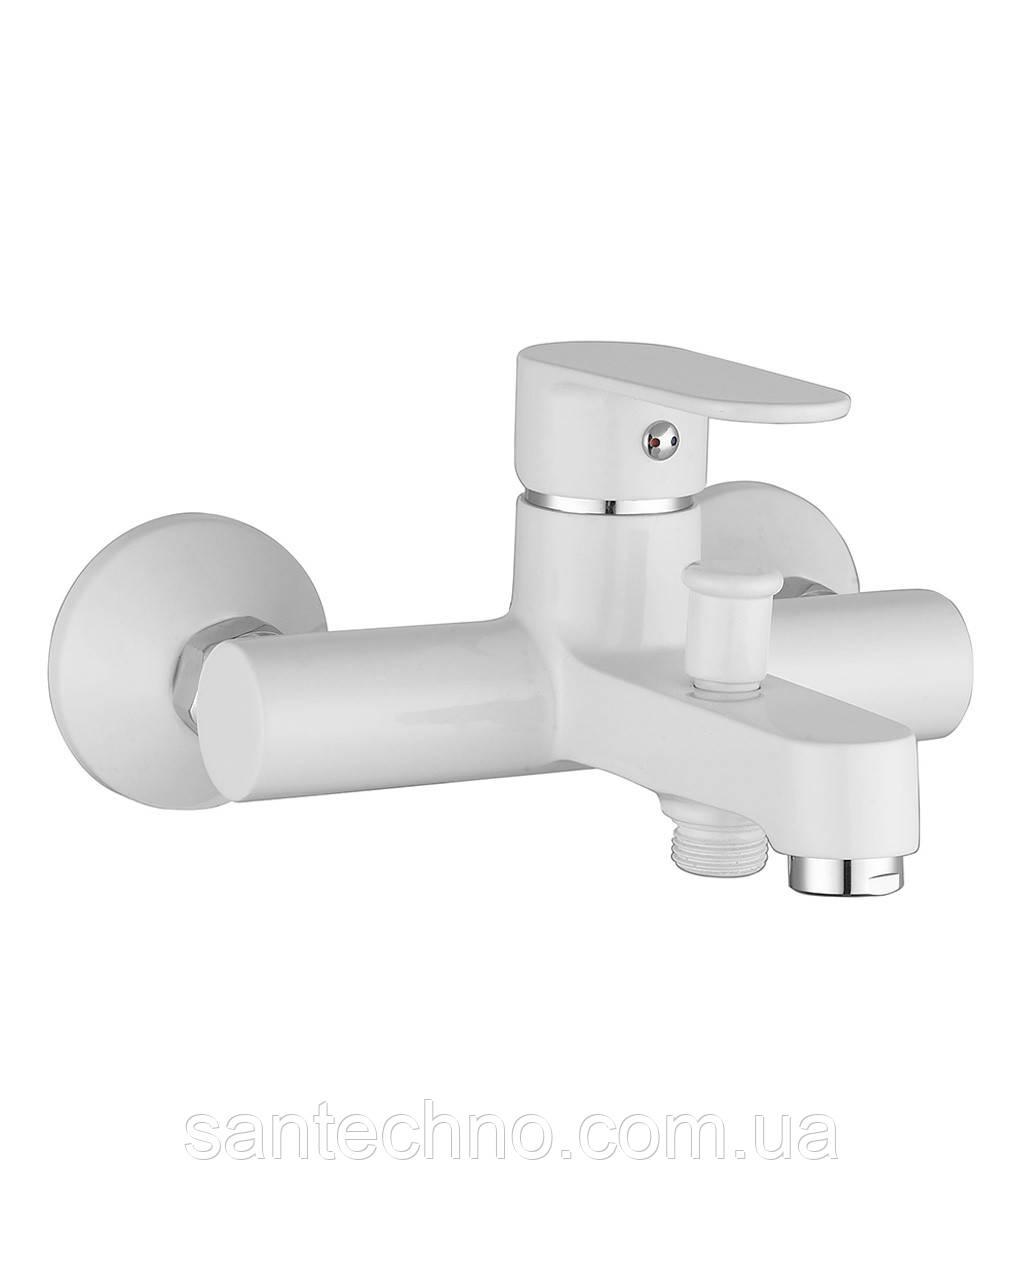 LESNA змішувач для ванни, білий, 35 мм